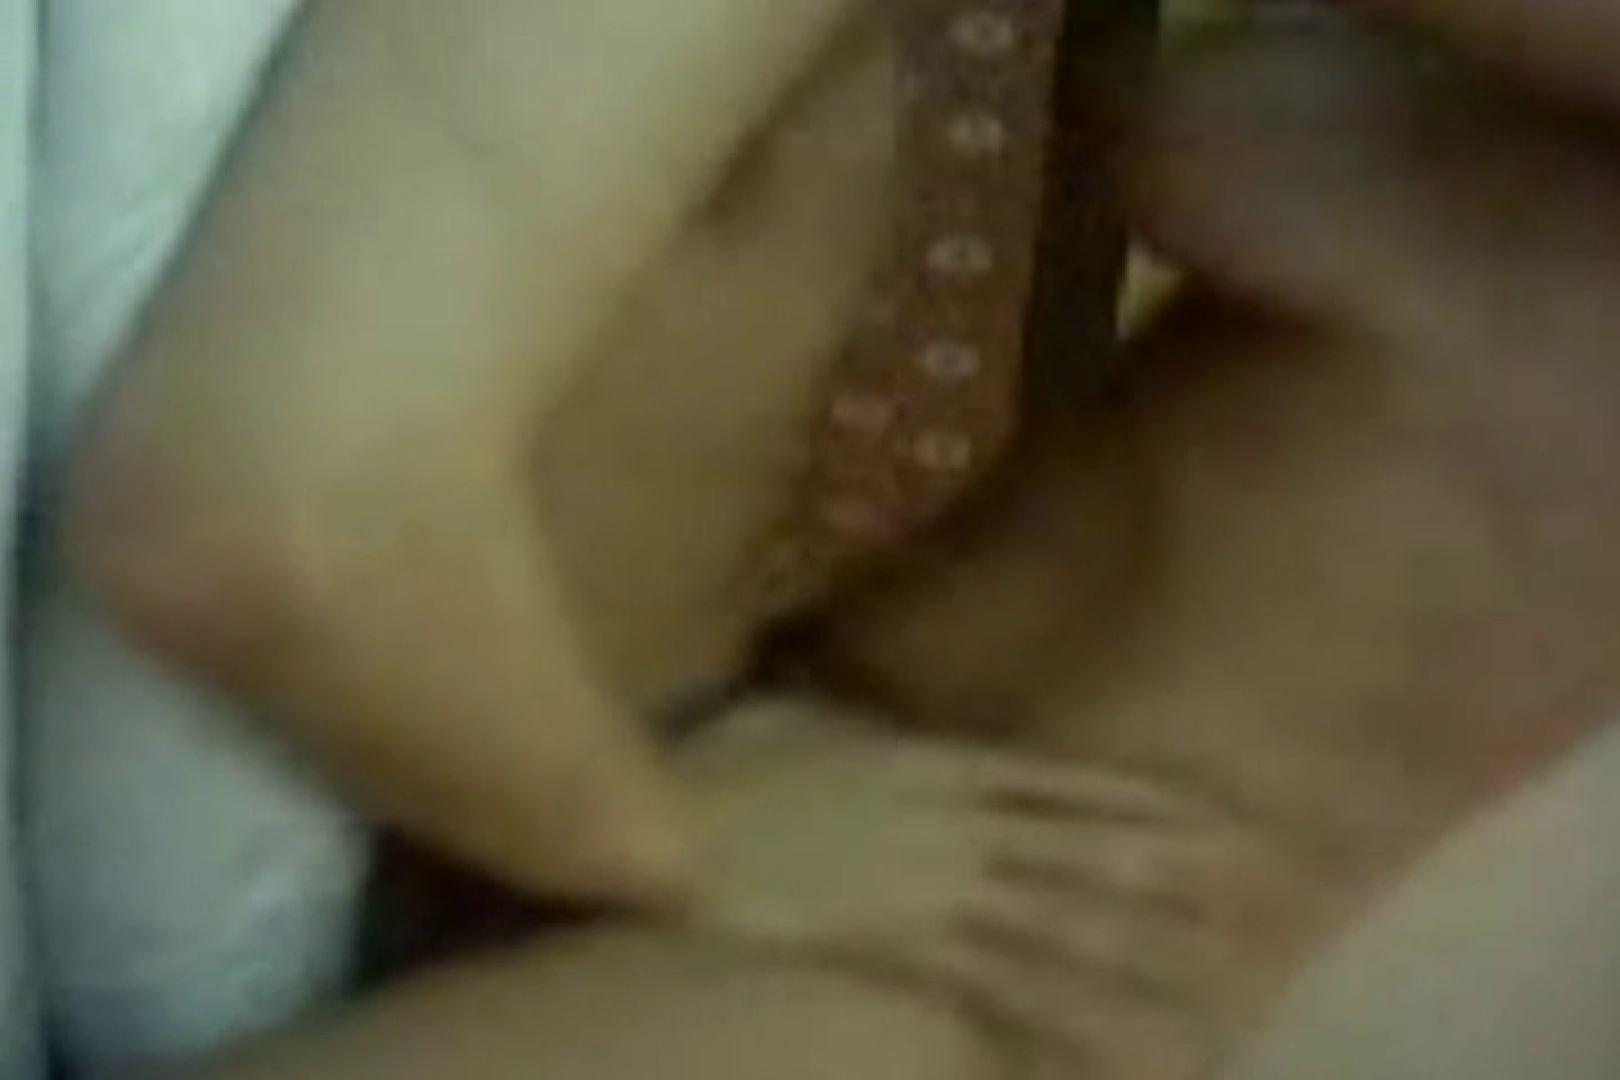 コリアン素人流出シリーズ 美人で巨乳の彼女とハメ撮り 素人  84pic 21